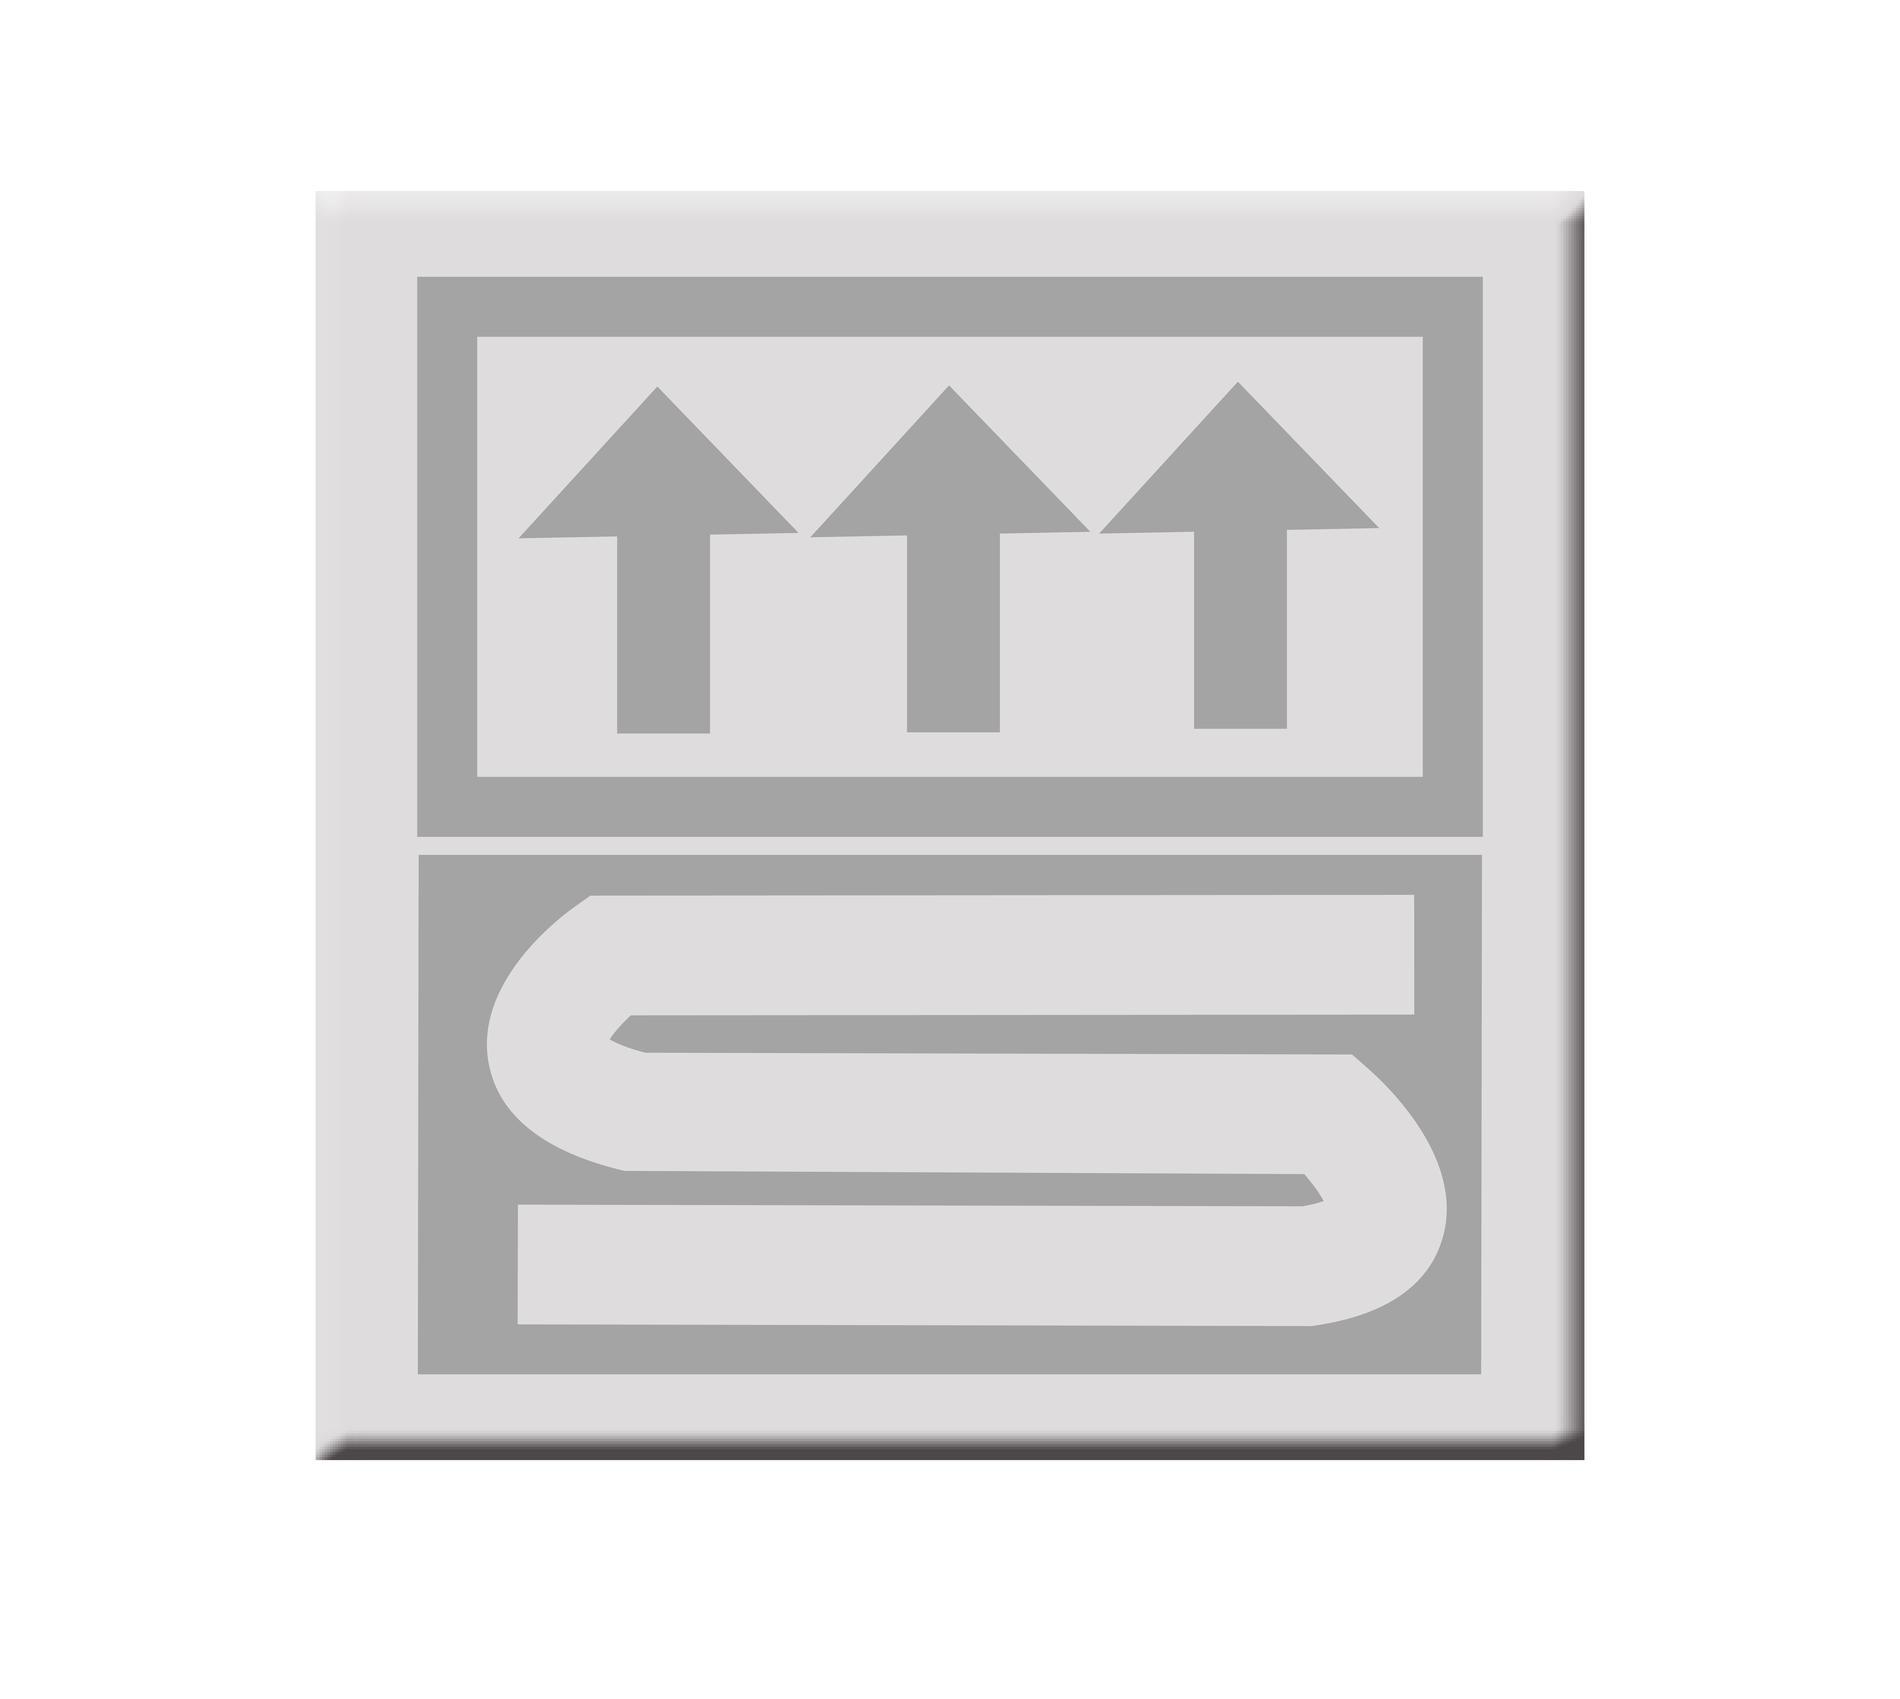 RIDDER Teppich Istanbul bordeaux 50x50 cm cm cm Badteppich, Teppich, Badezimmerteppich     | Zuverlässige Leistung  5a7b21